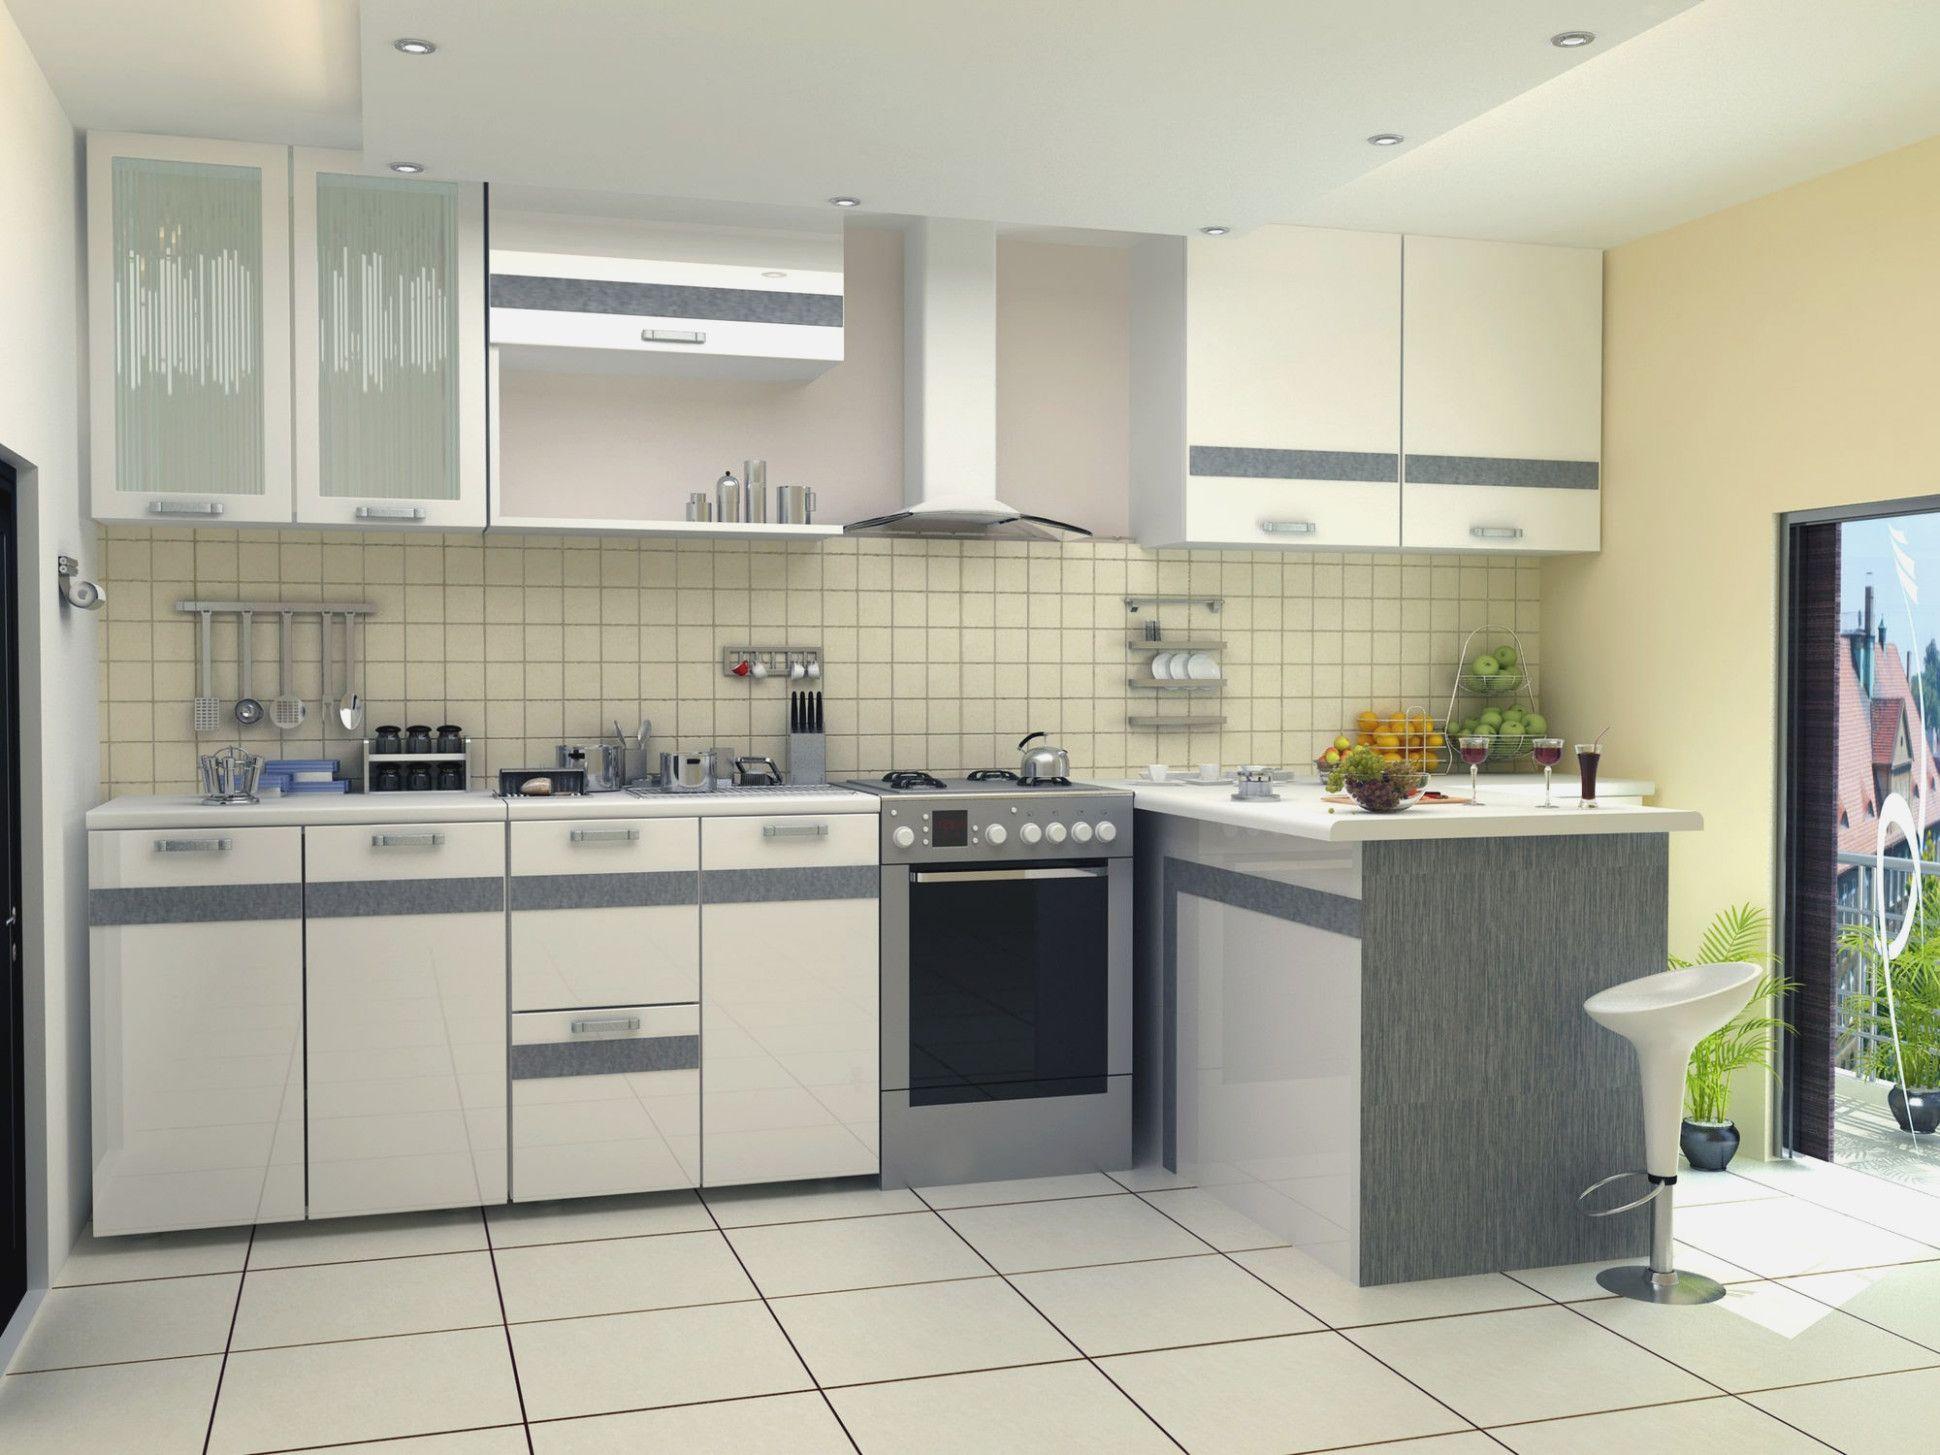 kitchen design 3d software design ideas kitchen planner youtube free 3d design software online